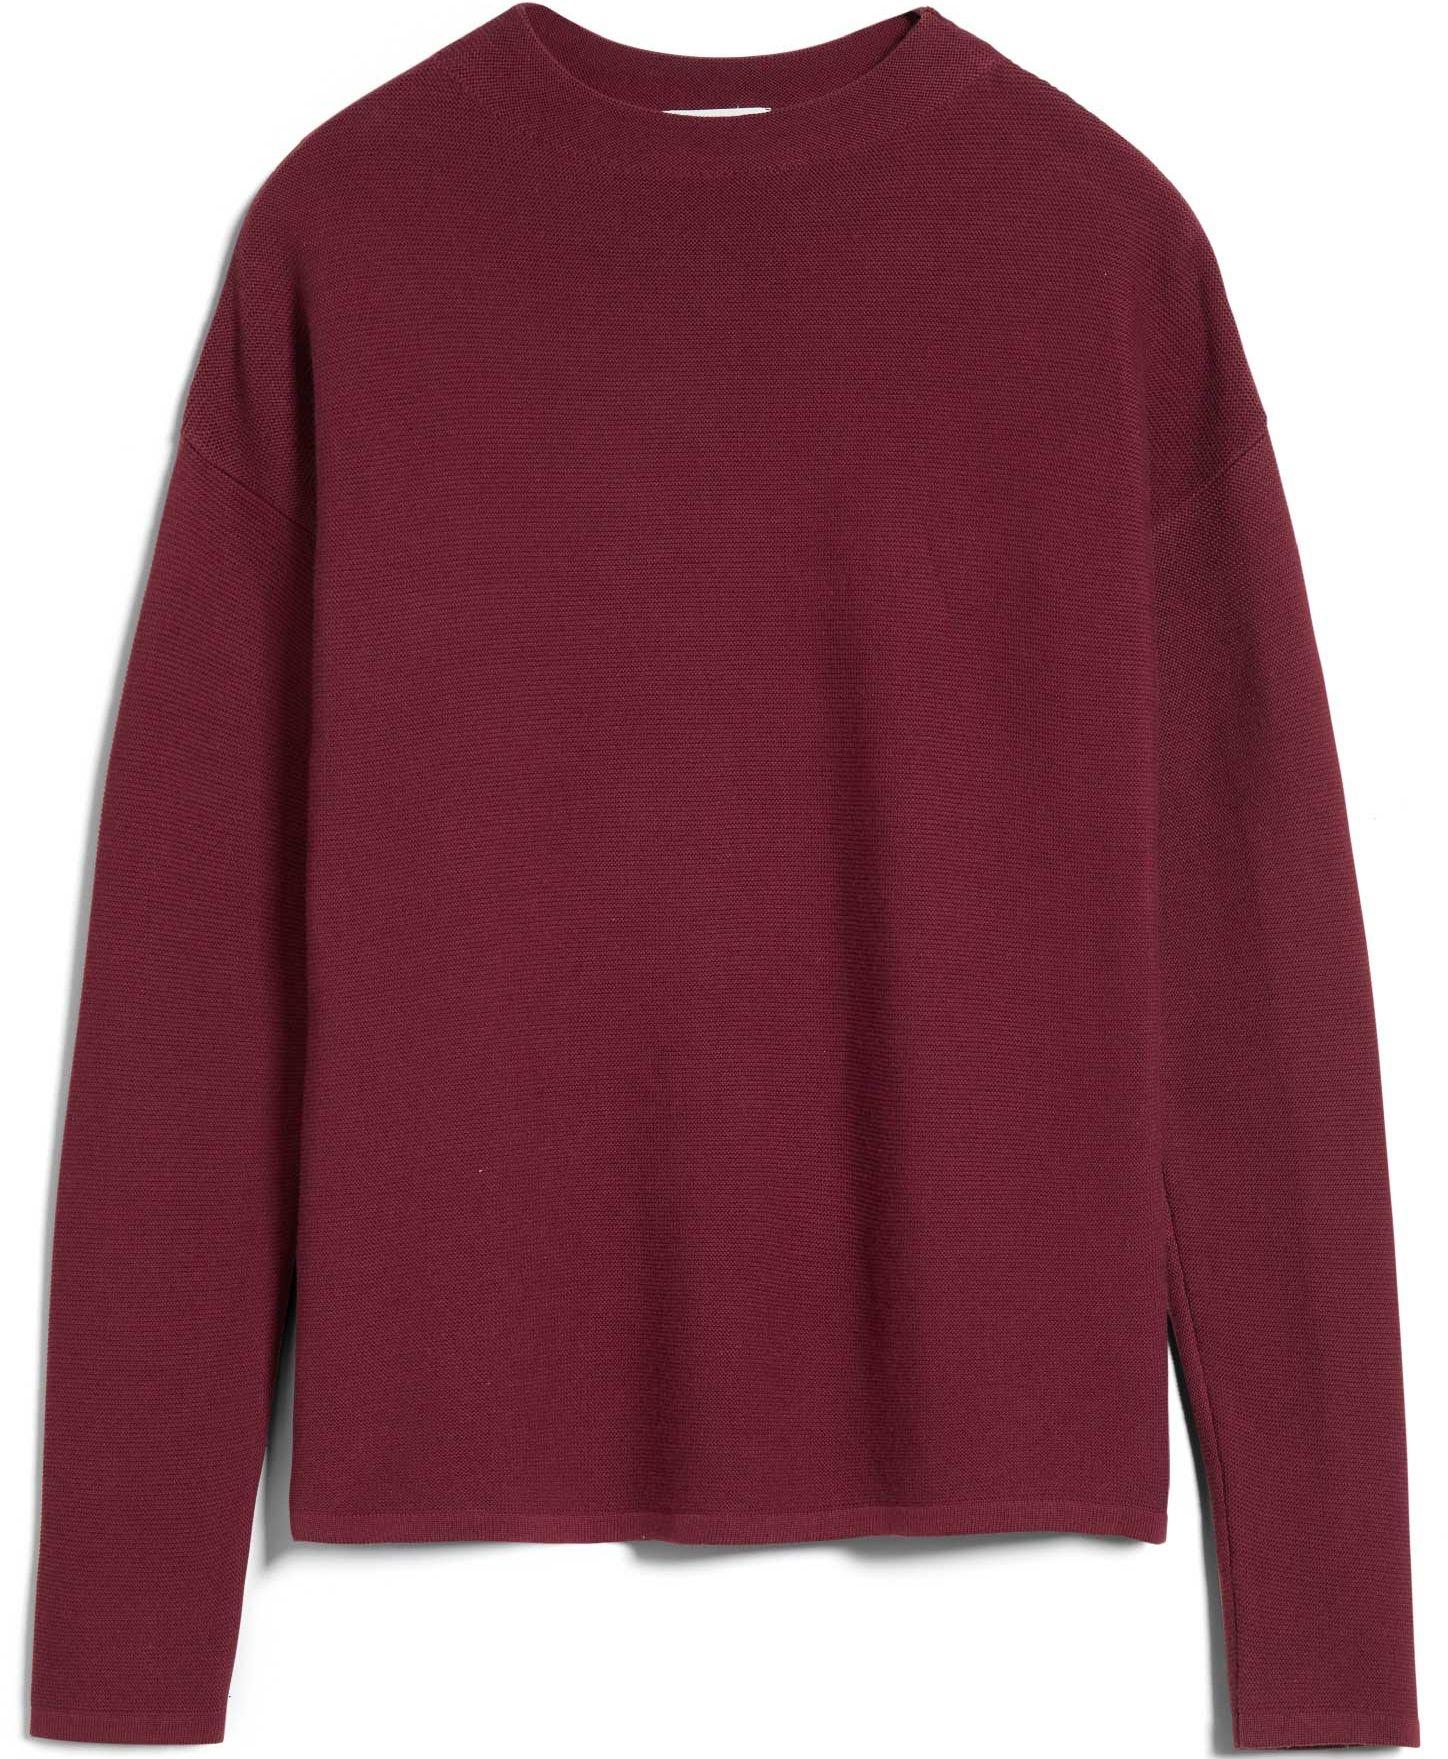 Strukturierter Damen-Pullover MEDINAA ruby red